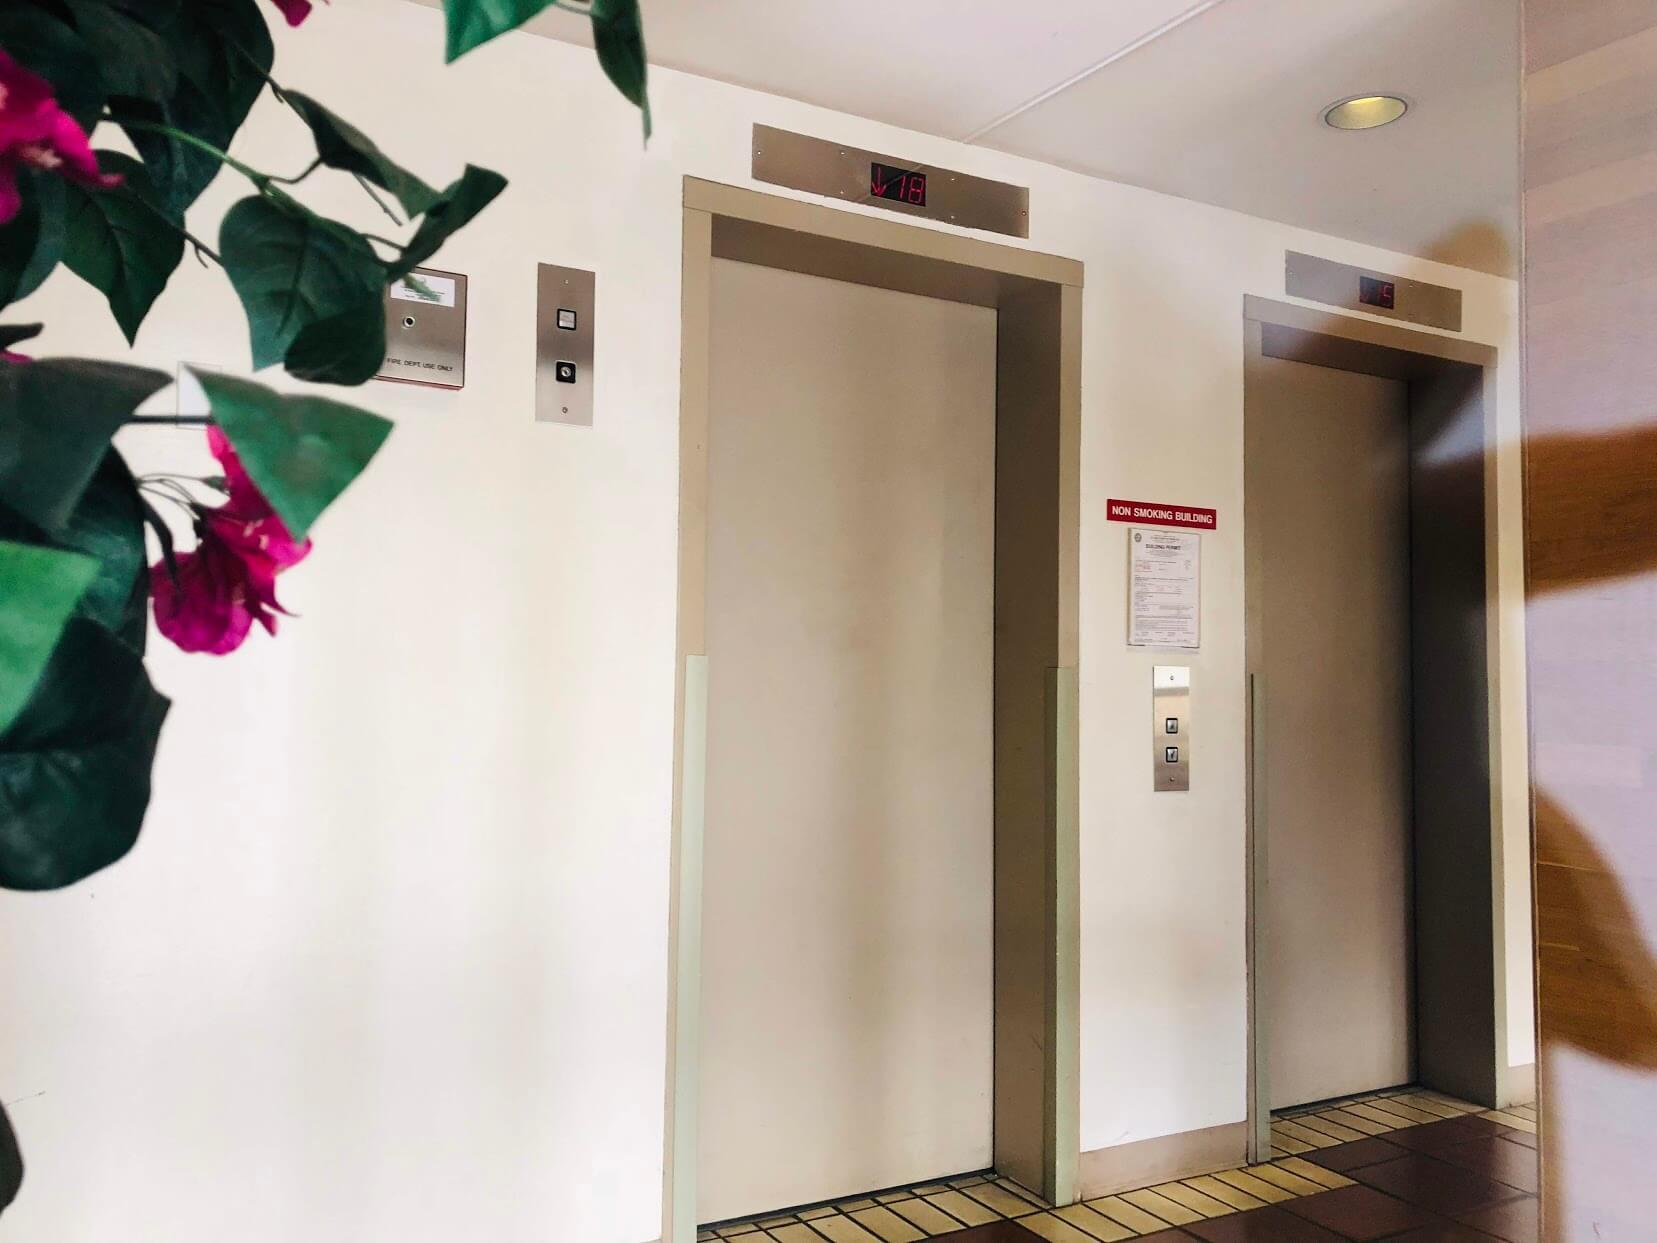 Park side Tower 2222 Citronのエレベーター